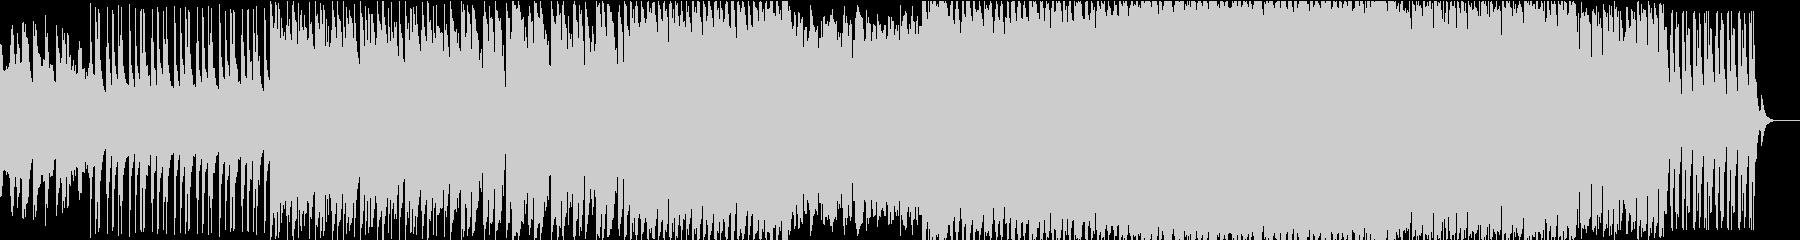 ダークで激しいエレクトロニック登場シーンの未再生の波形